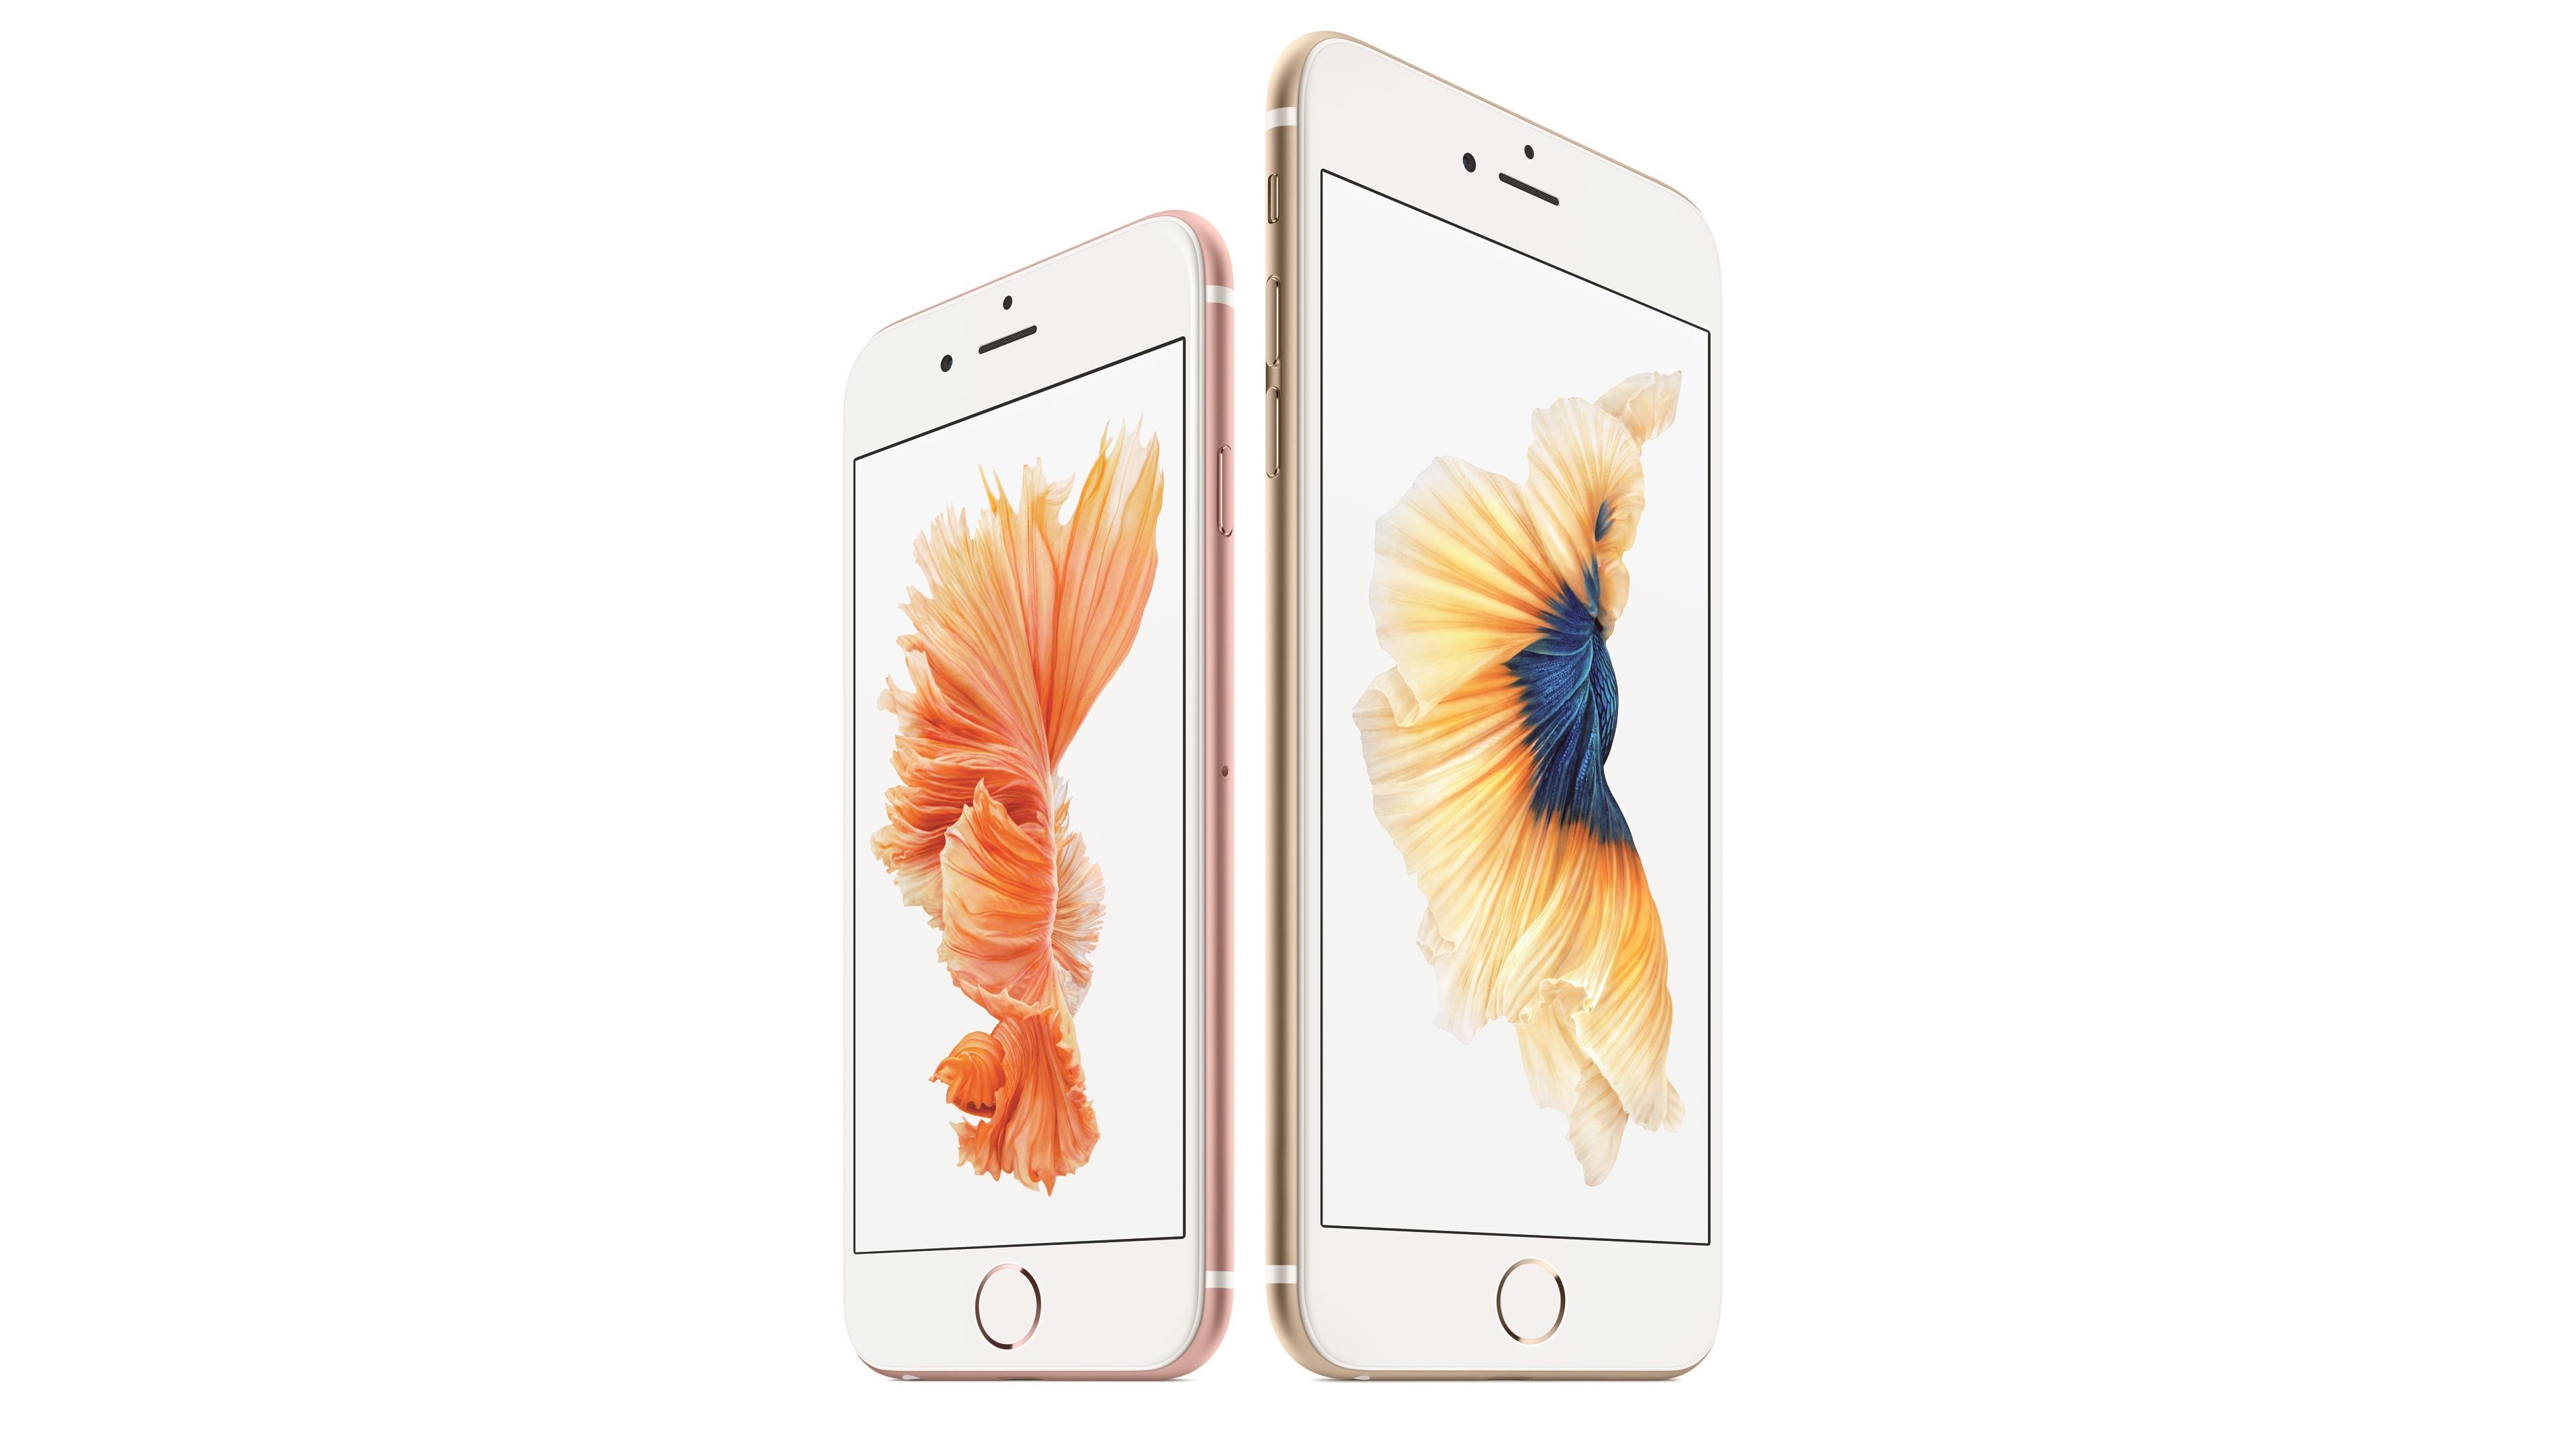 iphone 6s plus deals